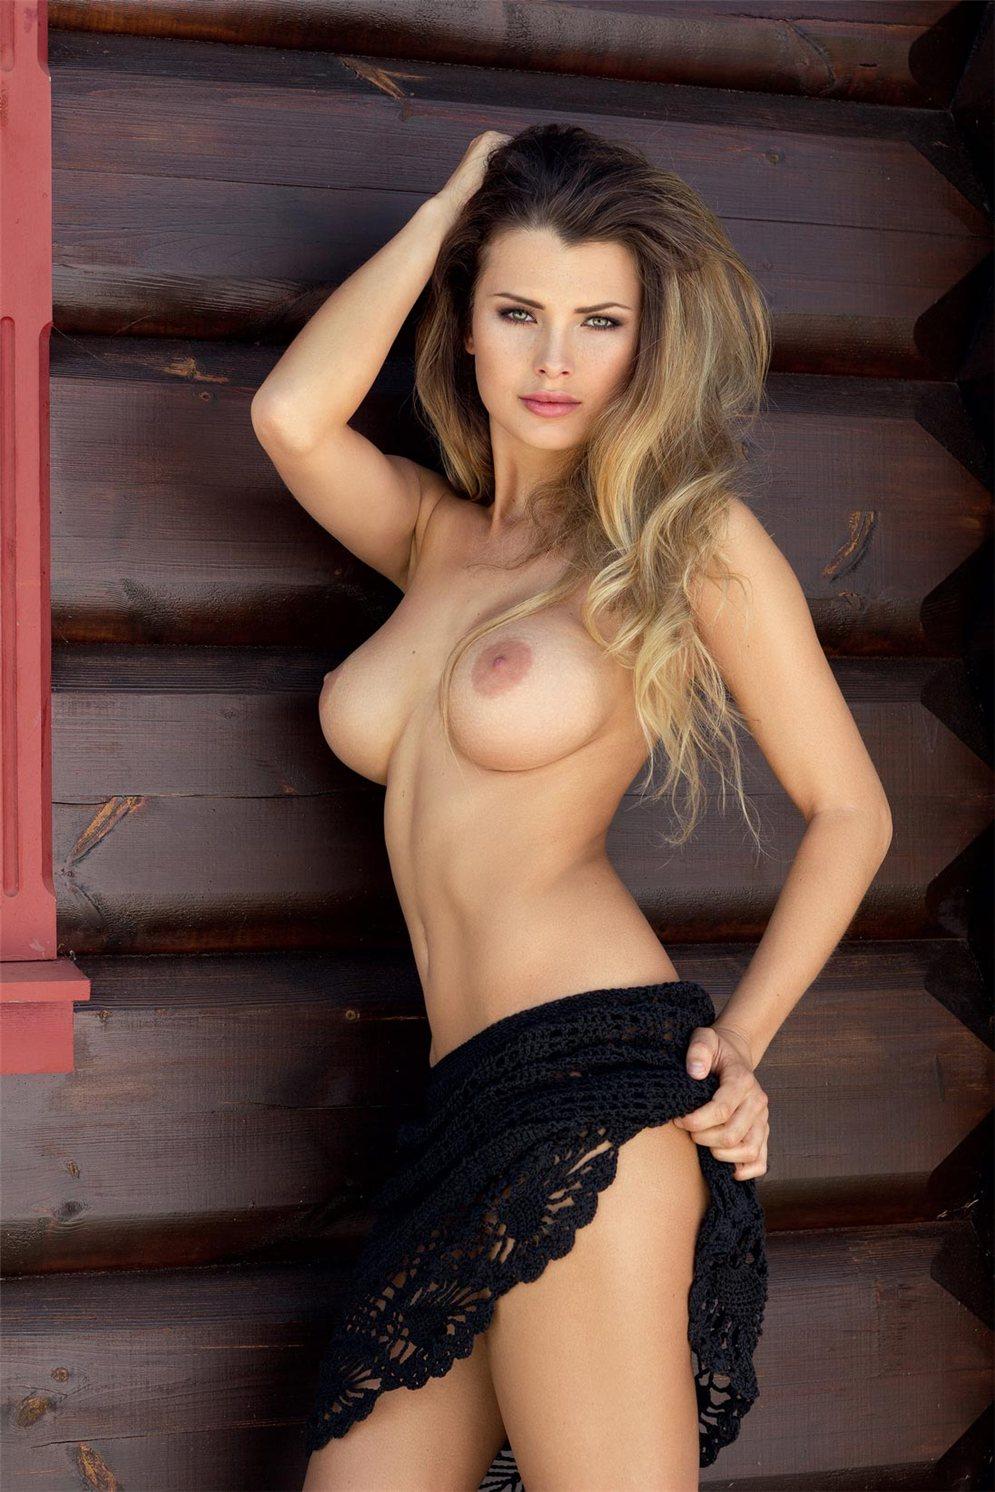 горячие сексапильные голые телочки / sexy girls hot chikas nude pussy ass boobs